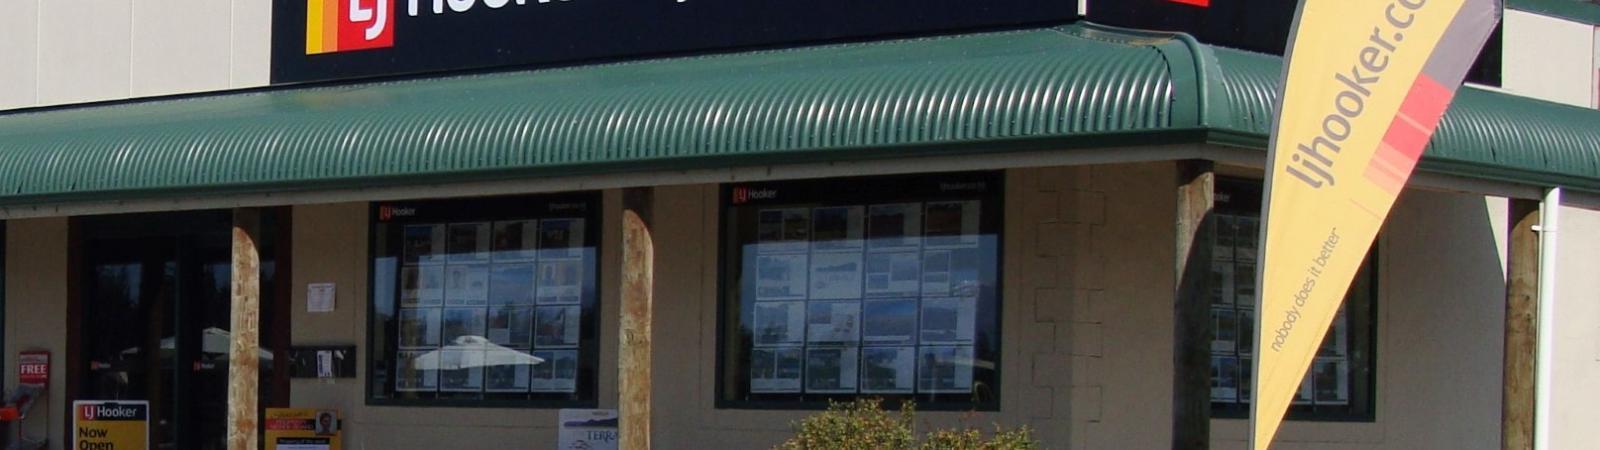 LJ Hooker Twizel office street view image